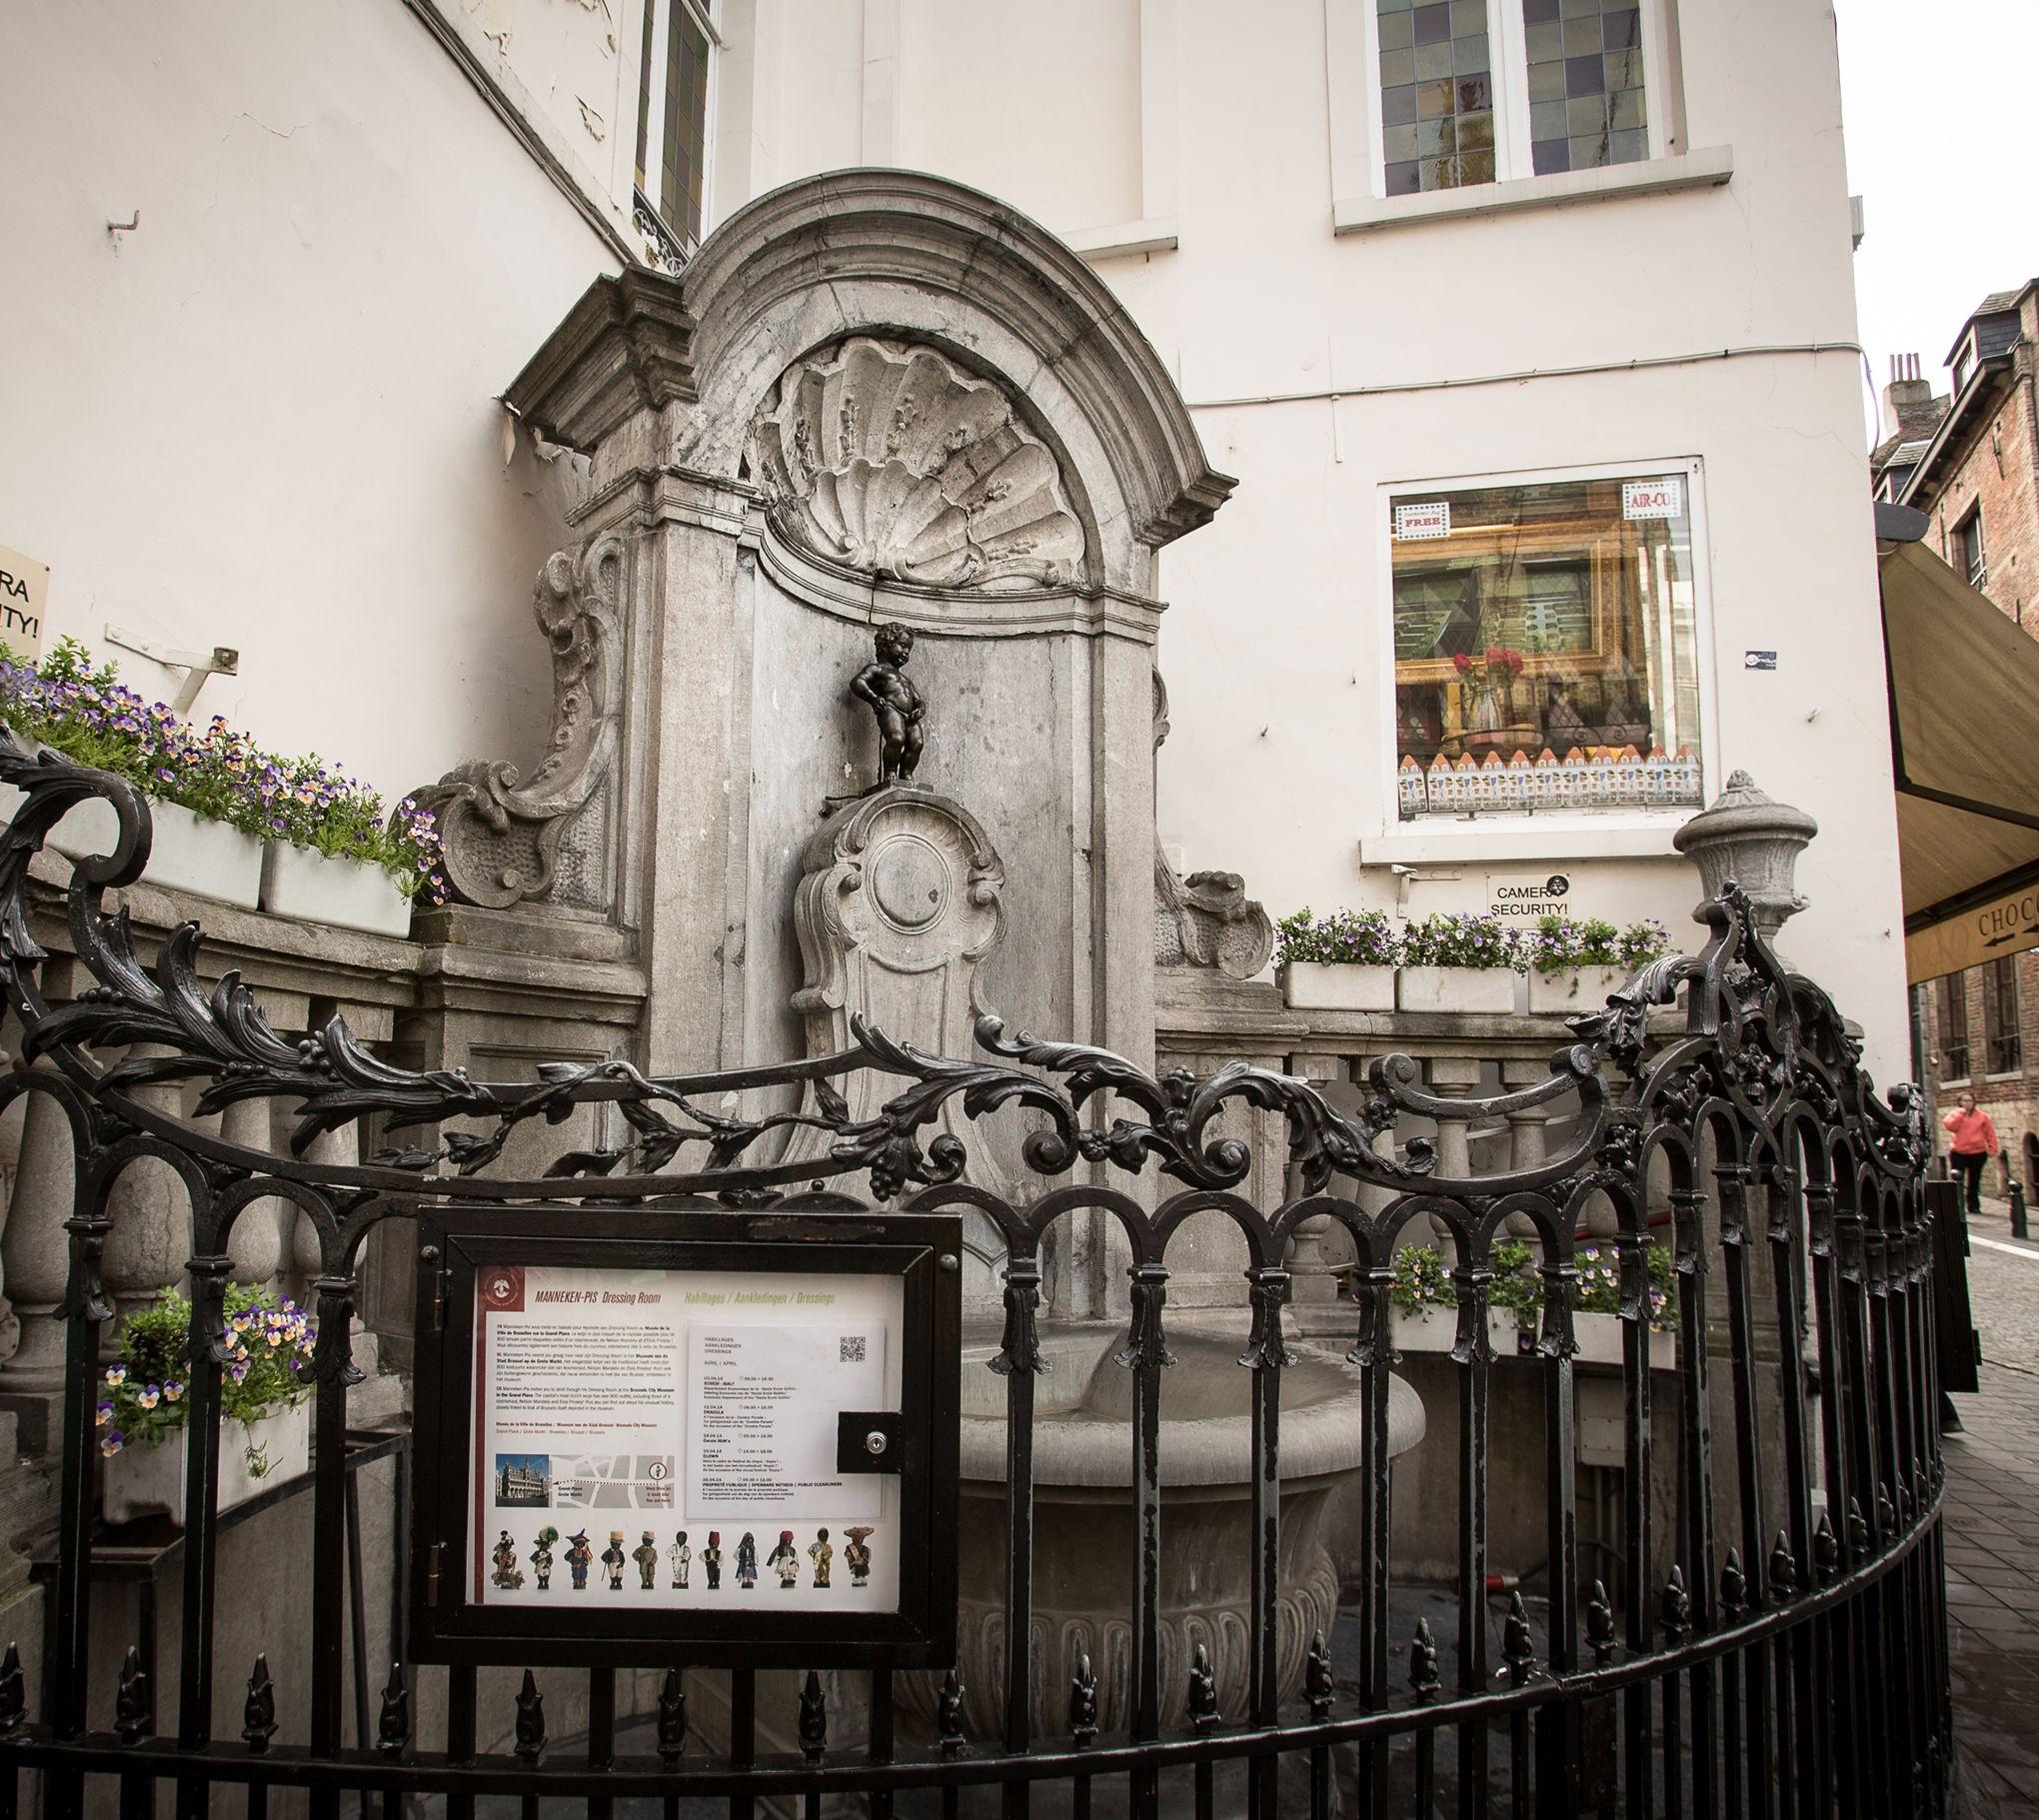 Bruxelles le manneken pis trop fort arrose les passants for Bd du jardin botanique 50 bruxelles